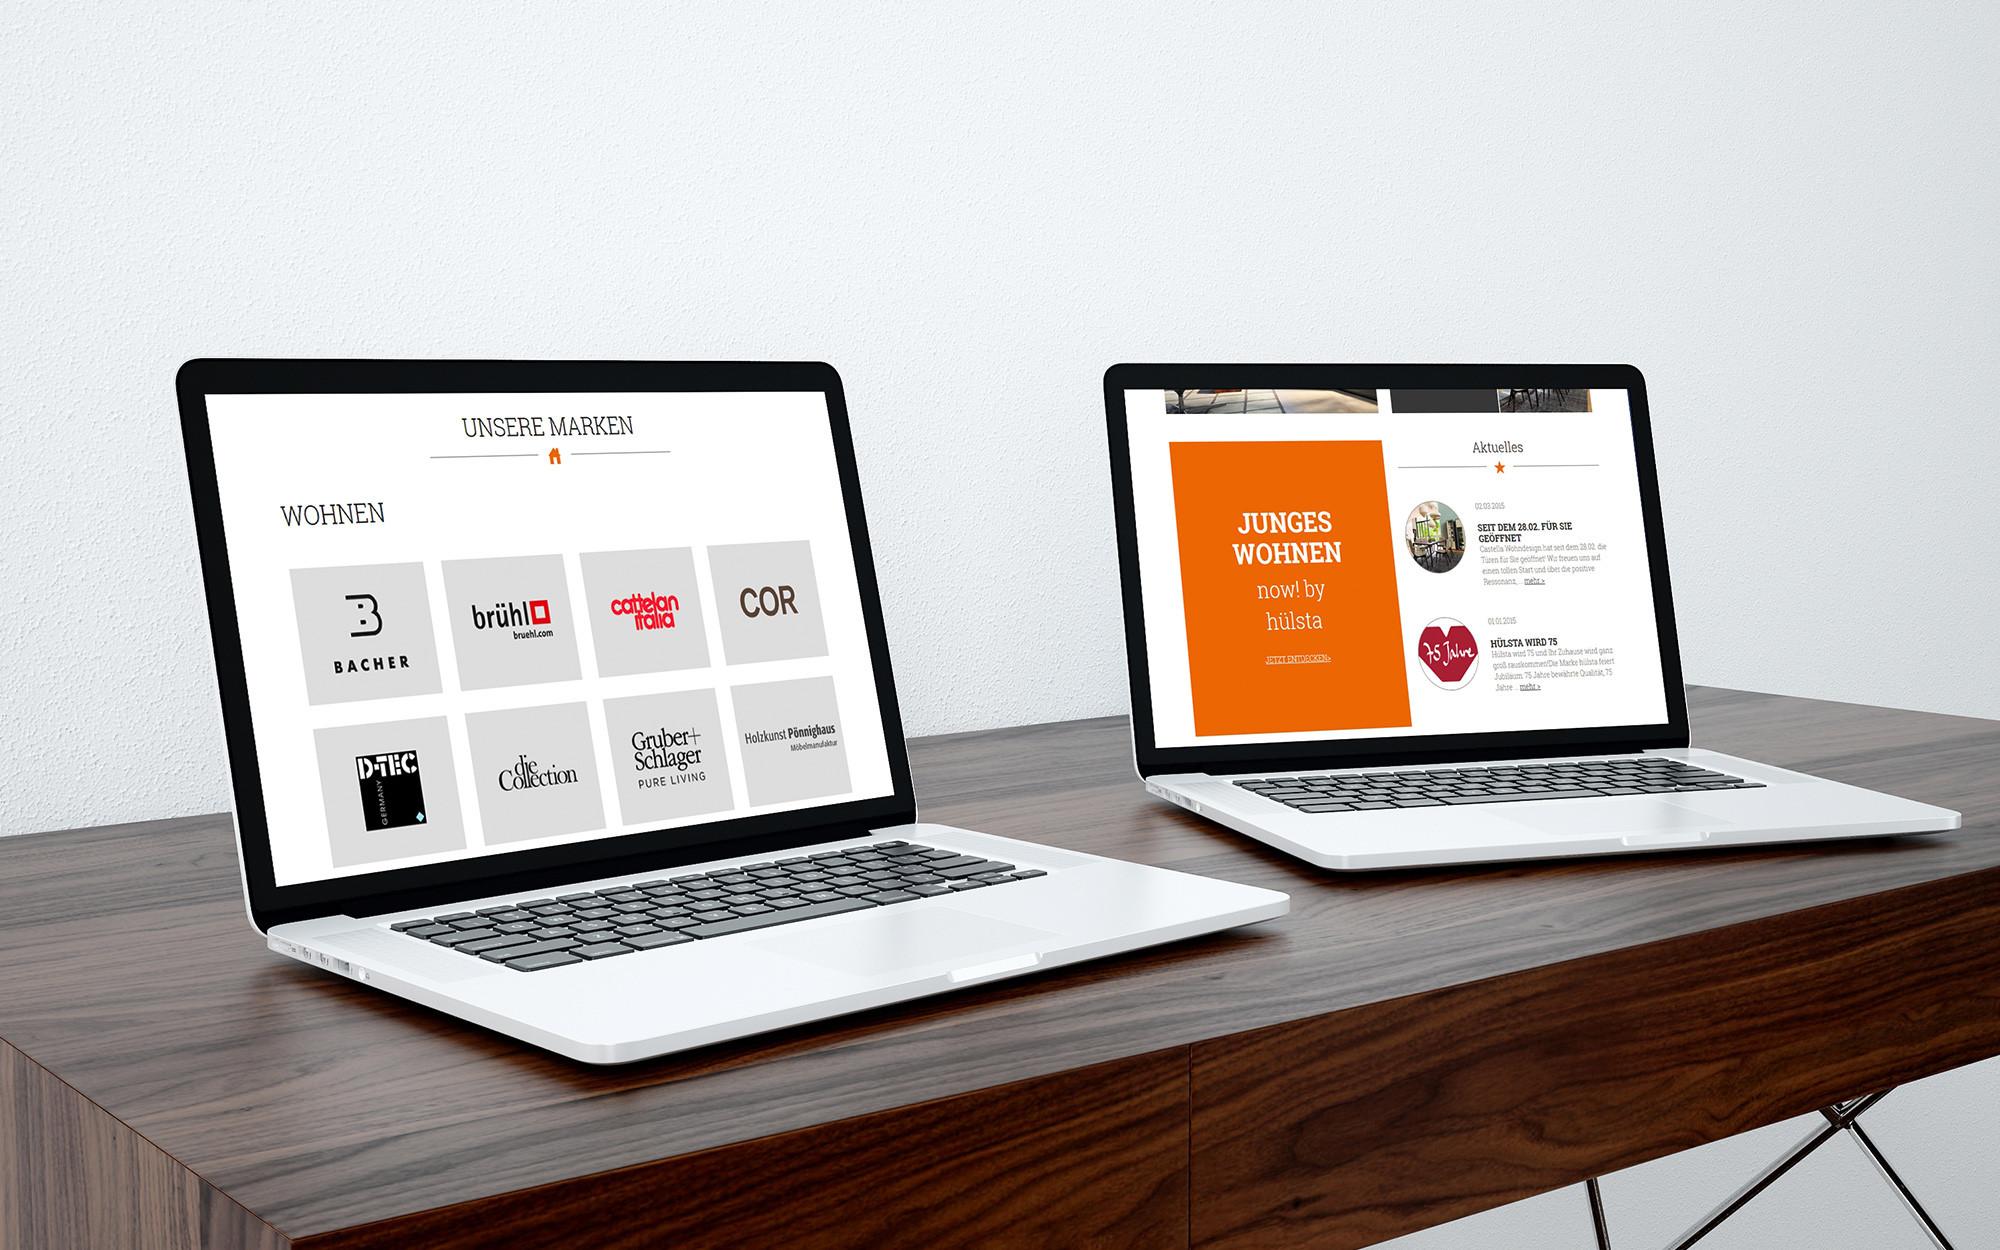 Edel verpackt neues design bei castella wohndesign bwc for Castella wohndesign